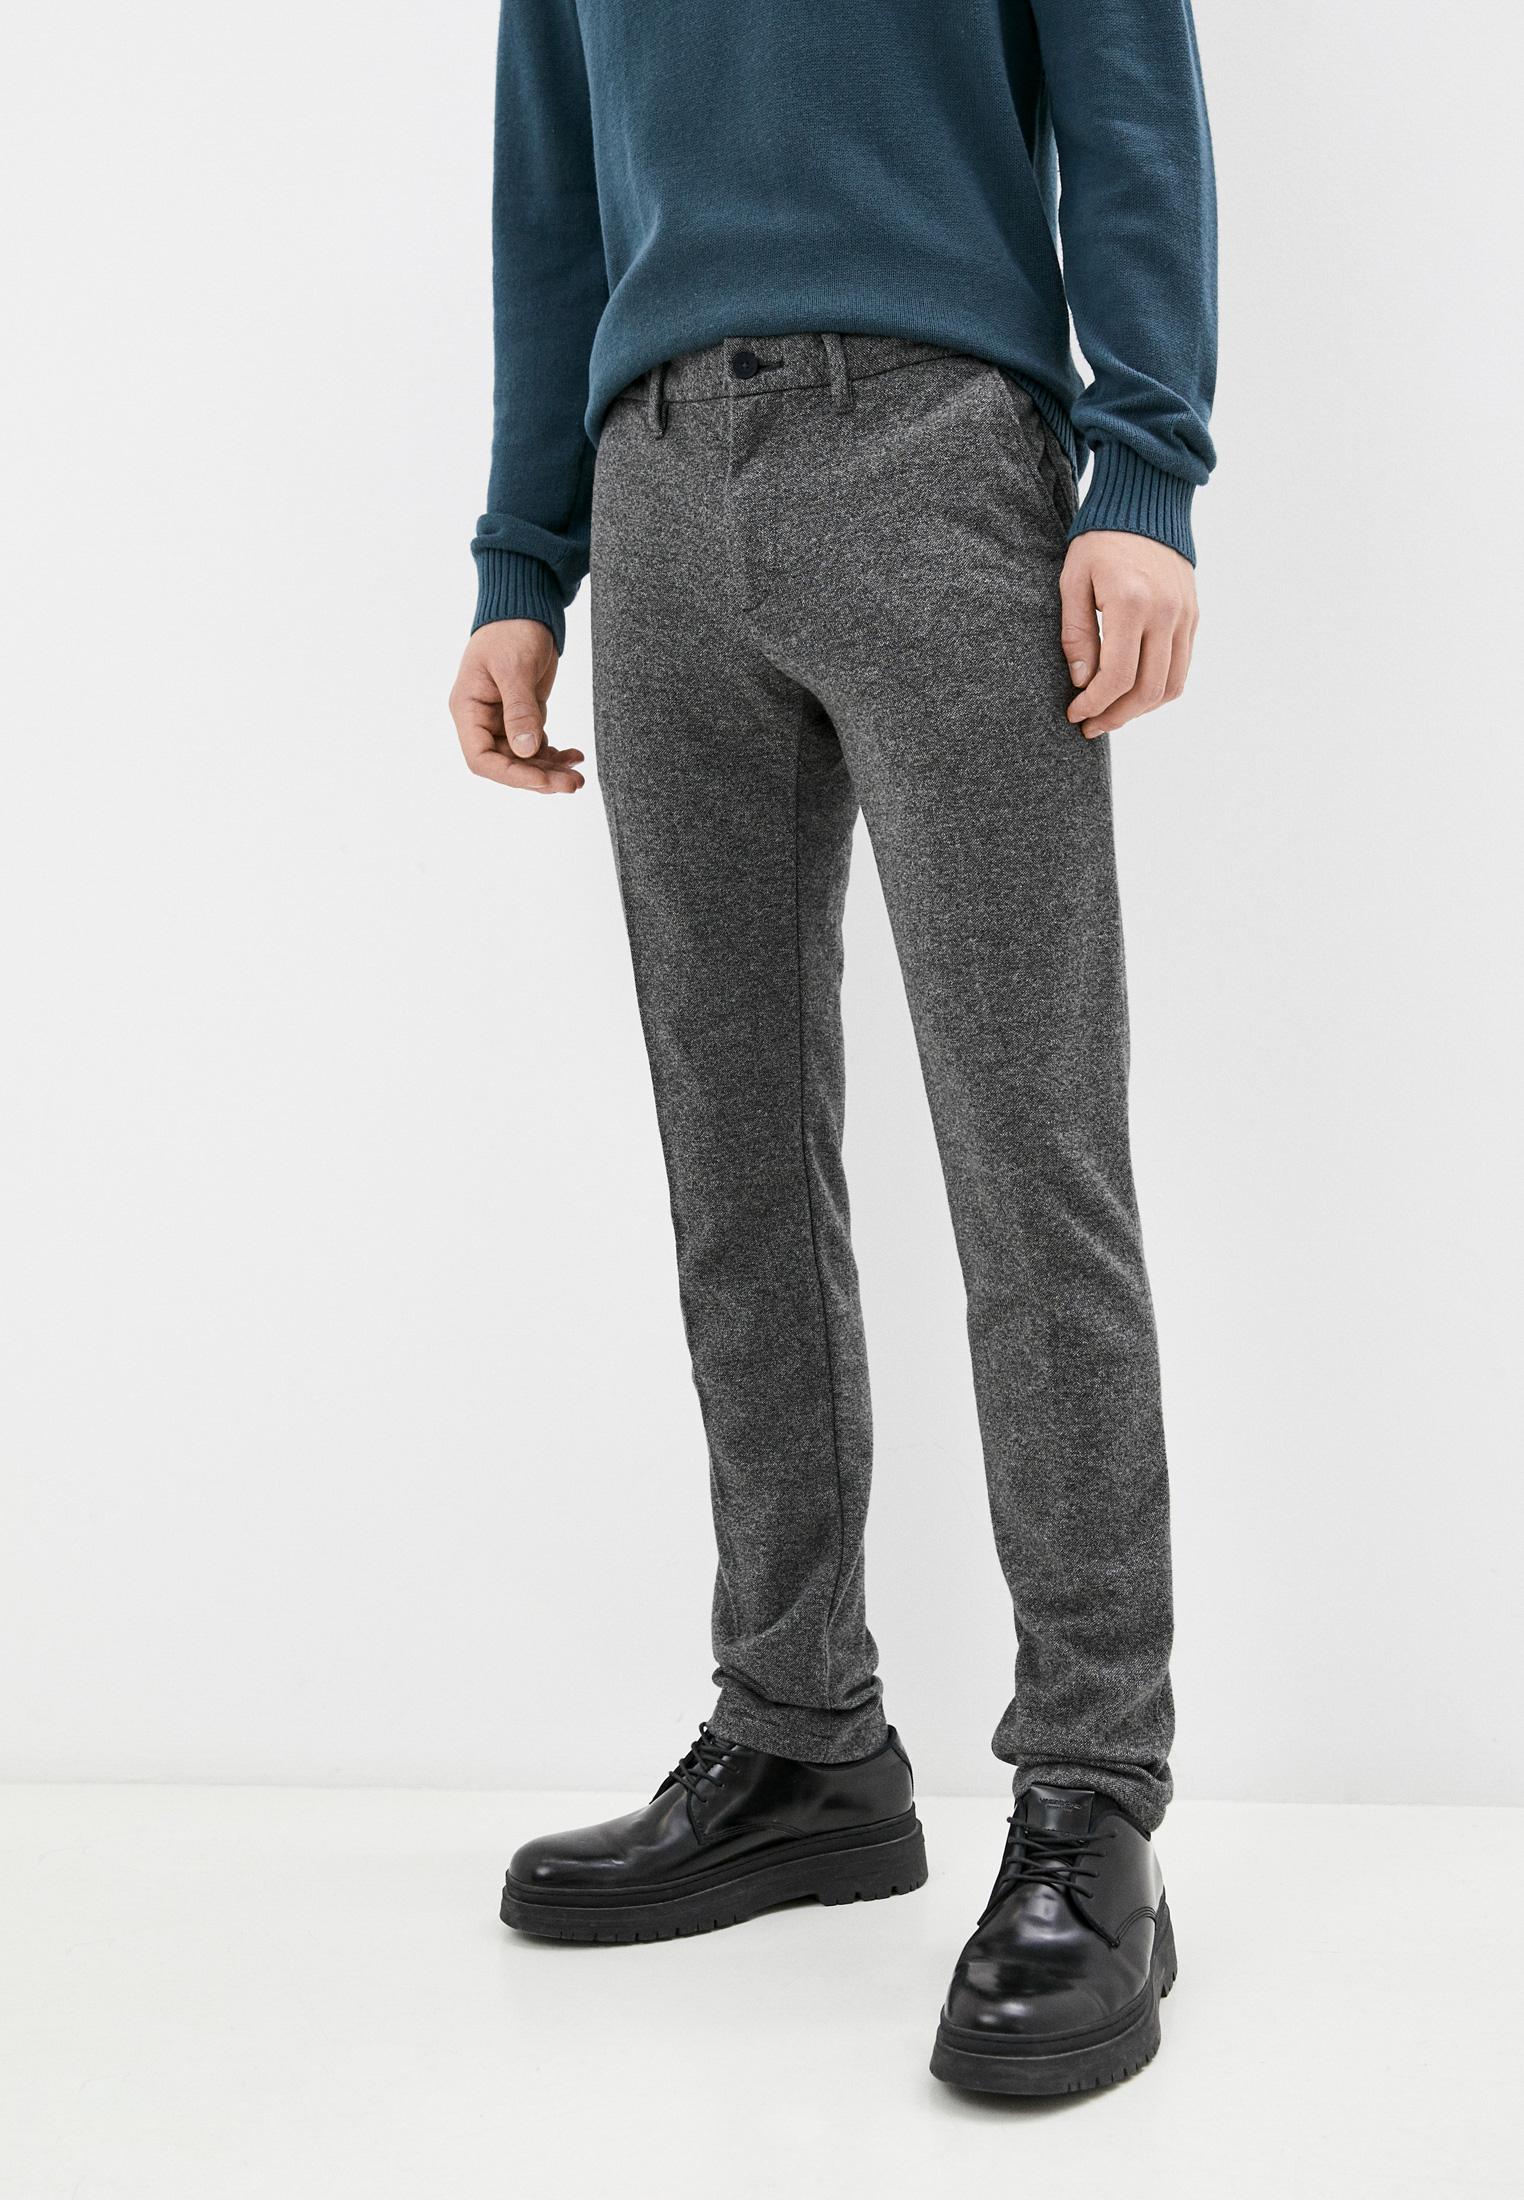 Мужские зауженные брюки Tommy Hilfiger (Томми Хилфигер) Брюки Tommy Hilfiger